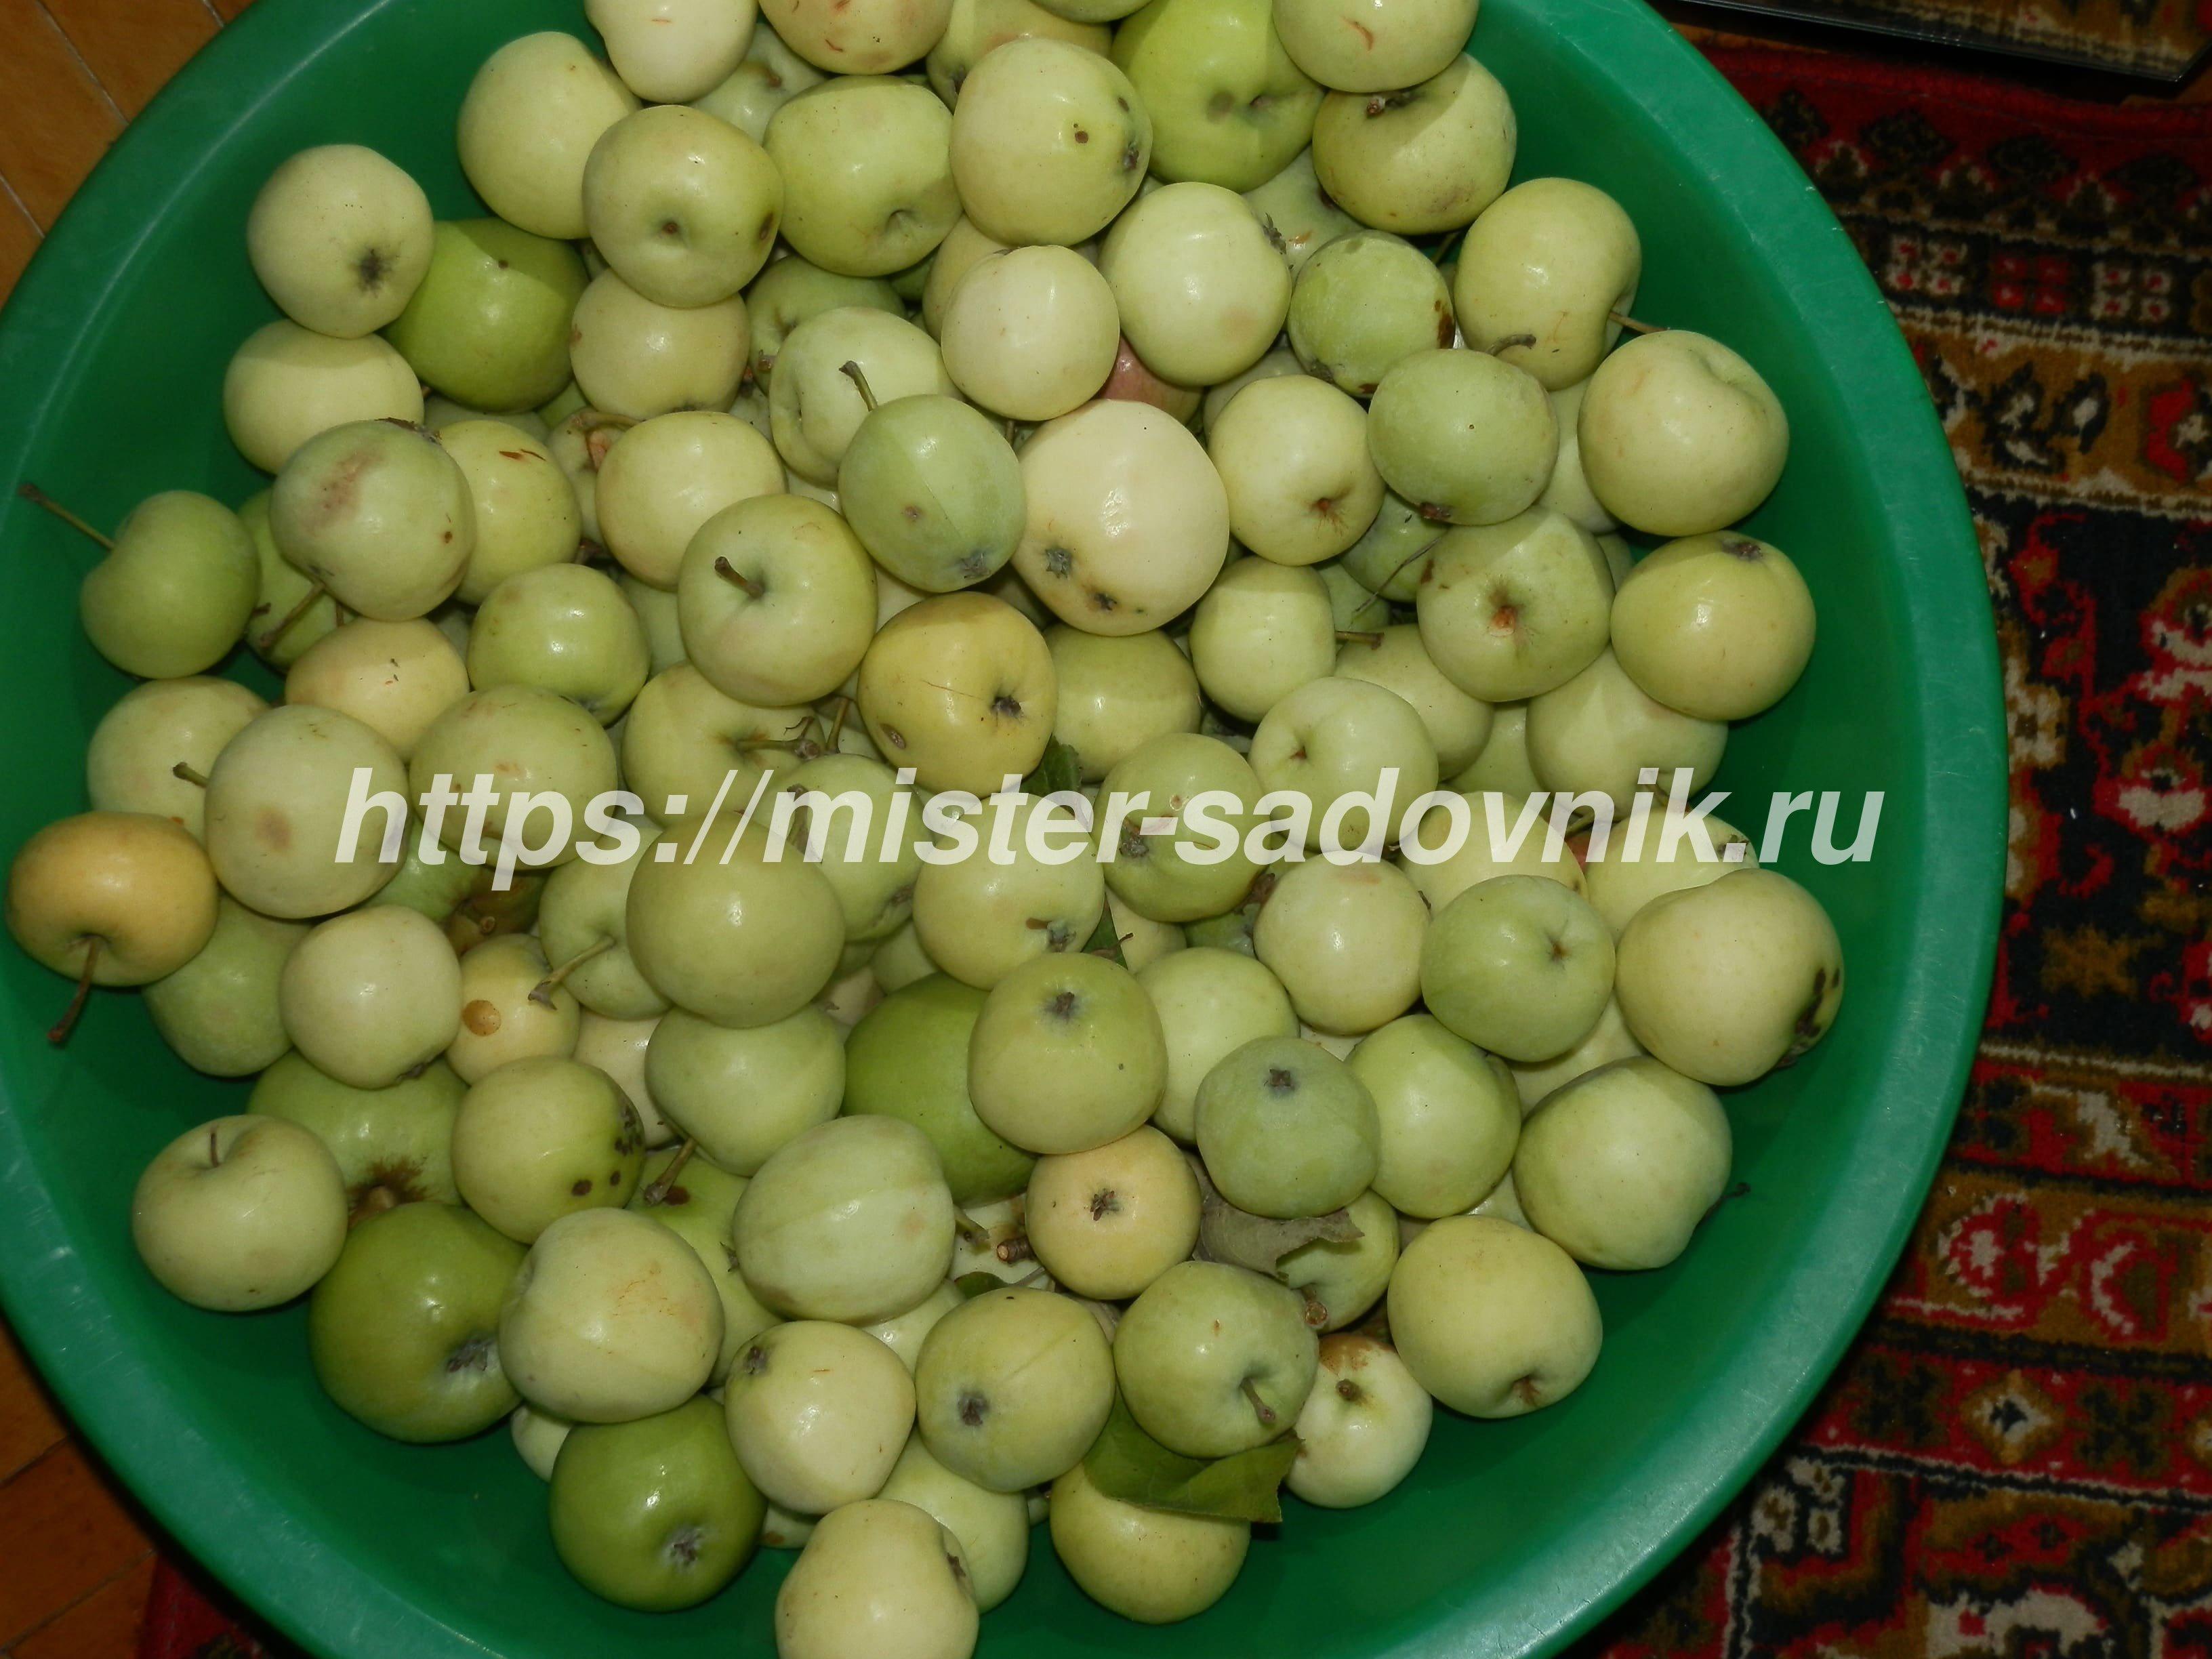 компот из яблок на зиму в 1, 5 литровые банки